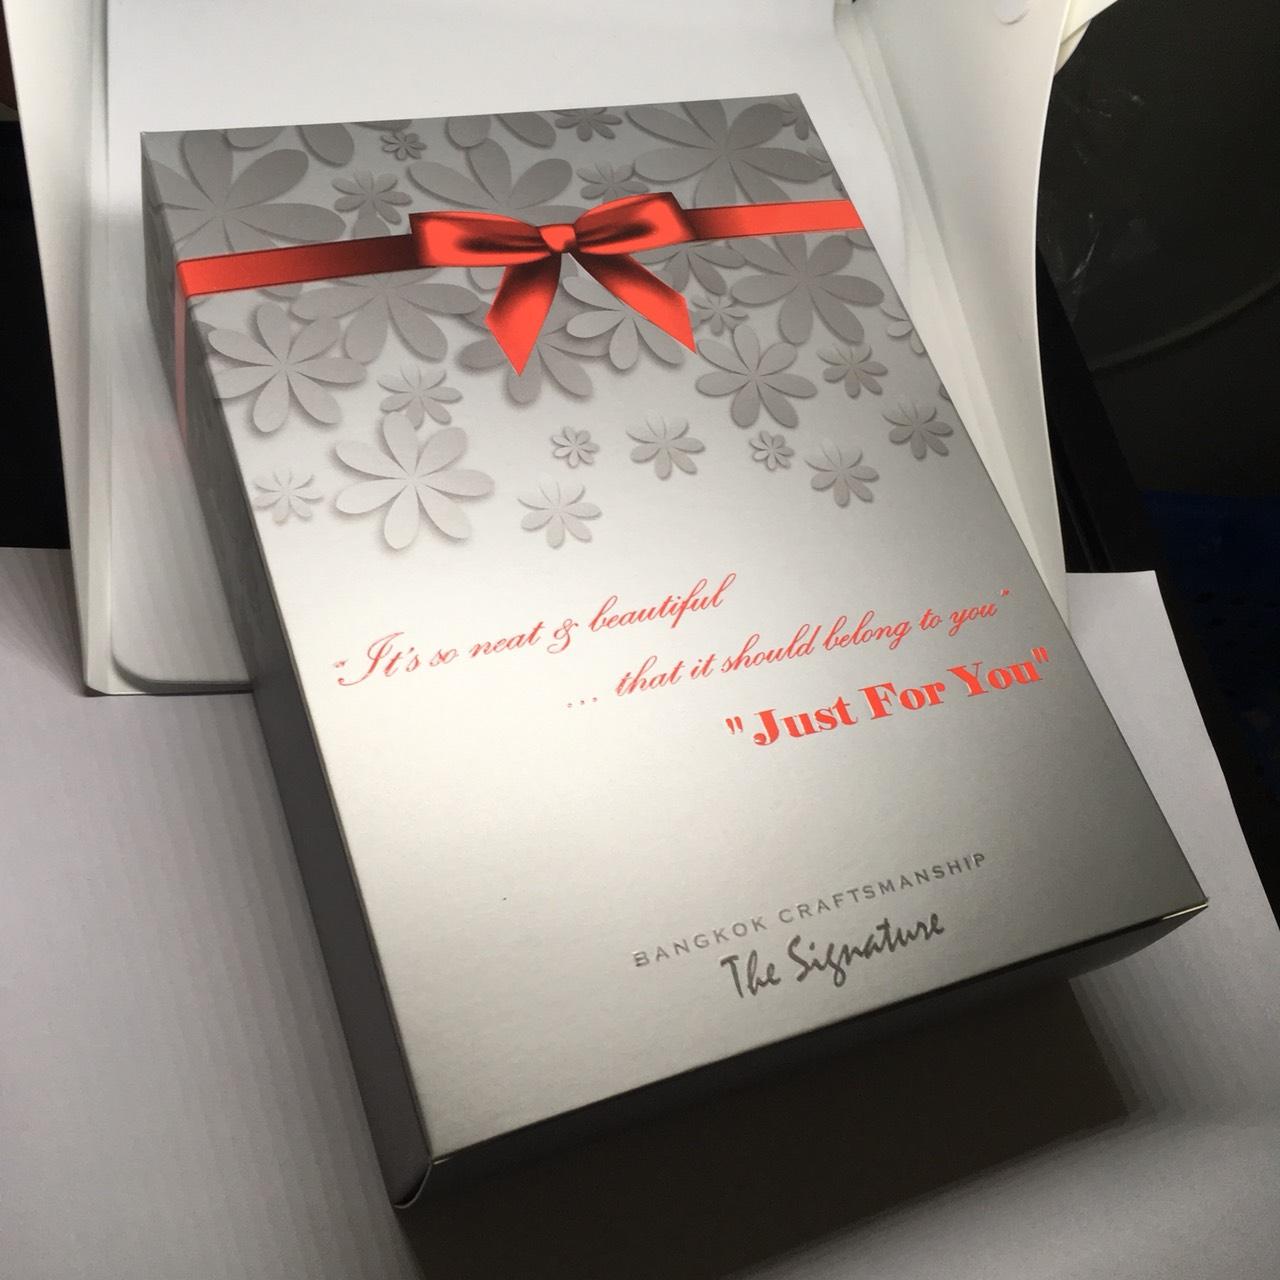 กล่องของขวัญ The Signature